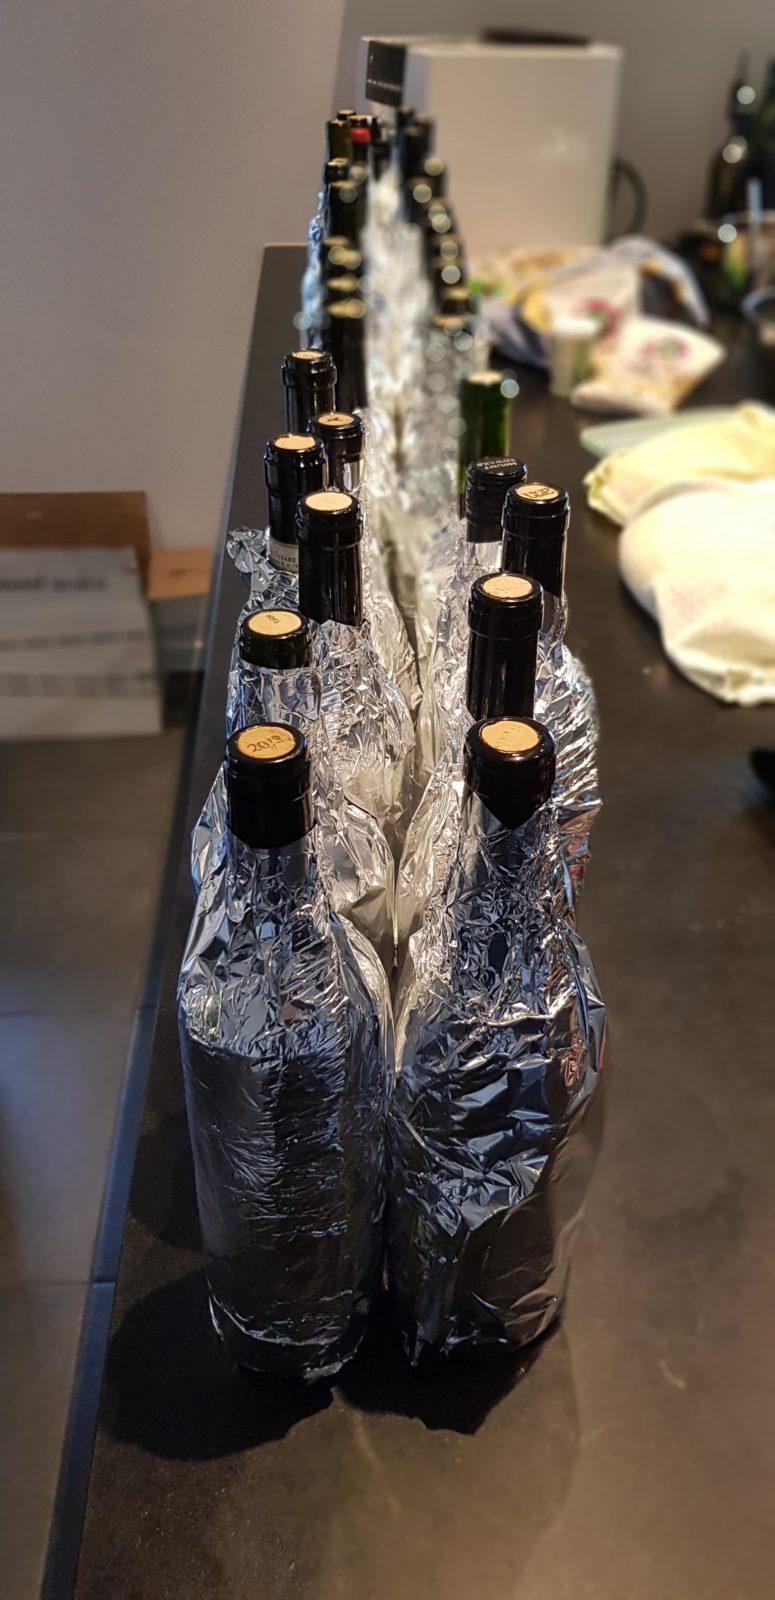 mange flasker julevin pakket til blindsmagning